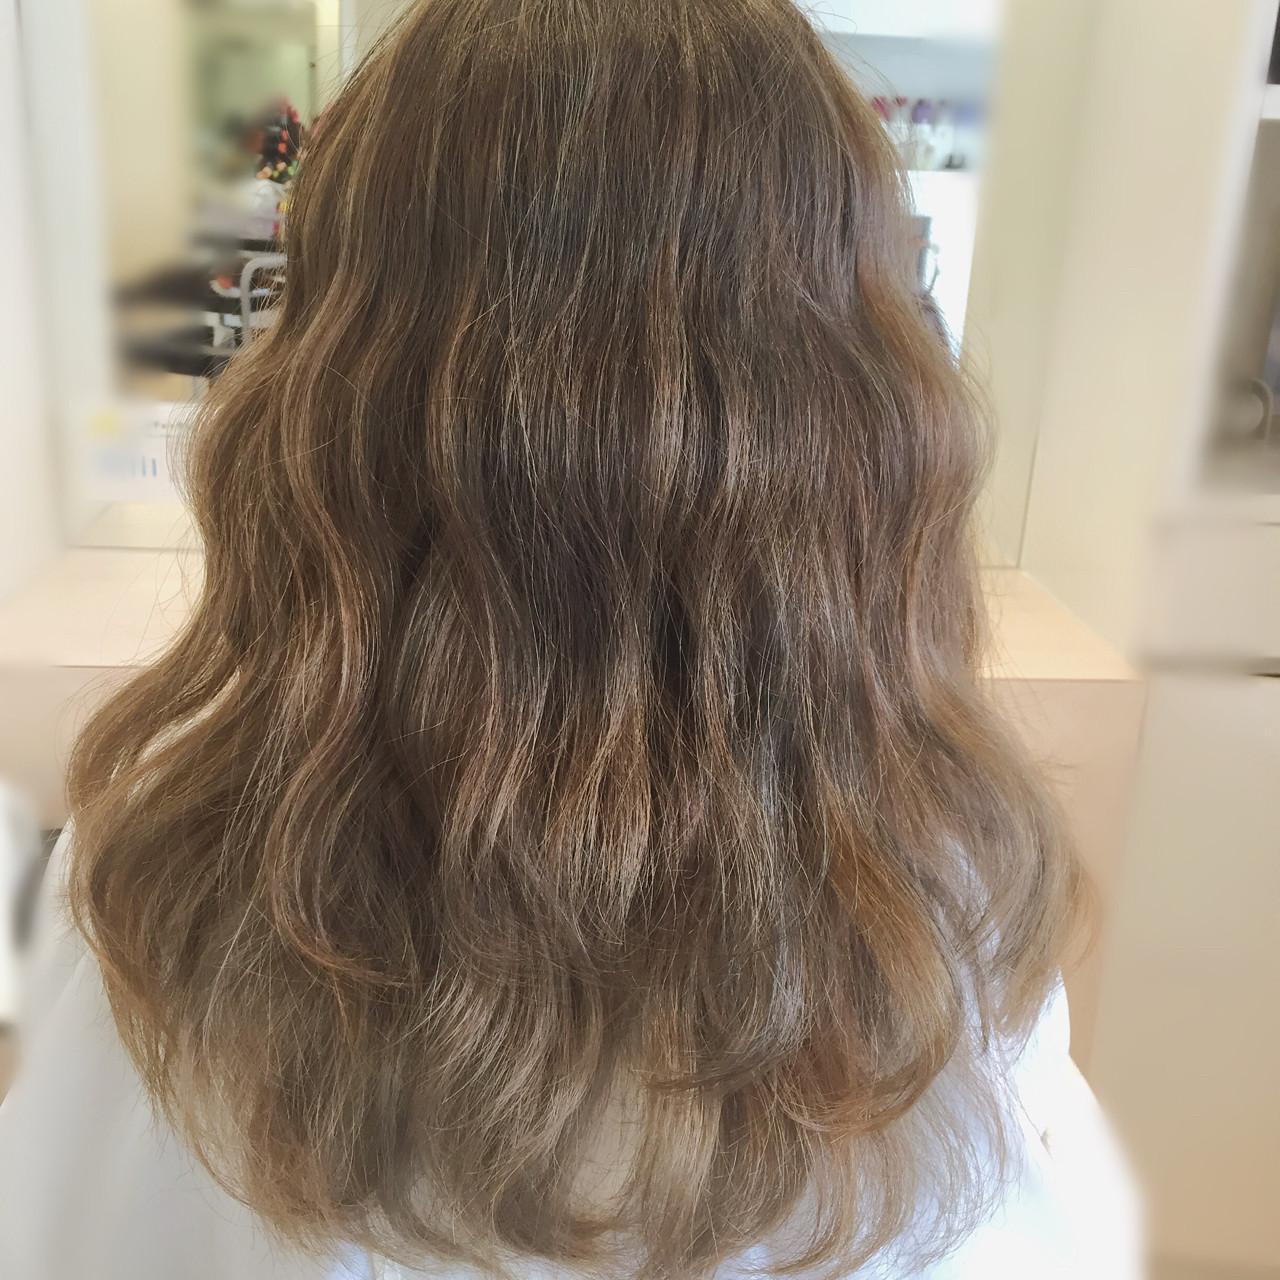 ウェーブ グラデーションカラー アッシュ ロング ヘアスタイルや髪型の写真・画像 | 内藤光昭/mod'shair清水 / モッズヘア清水